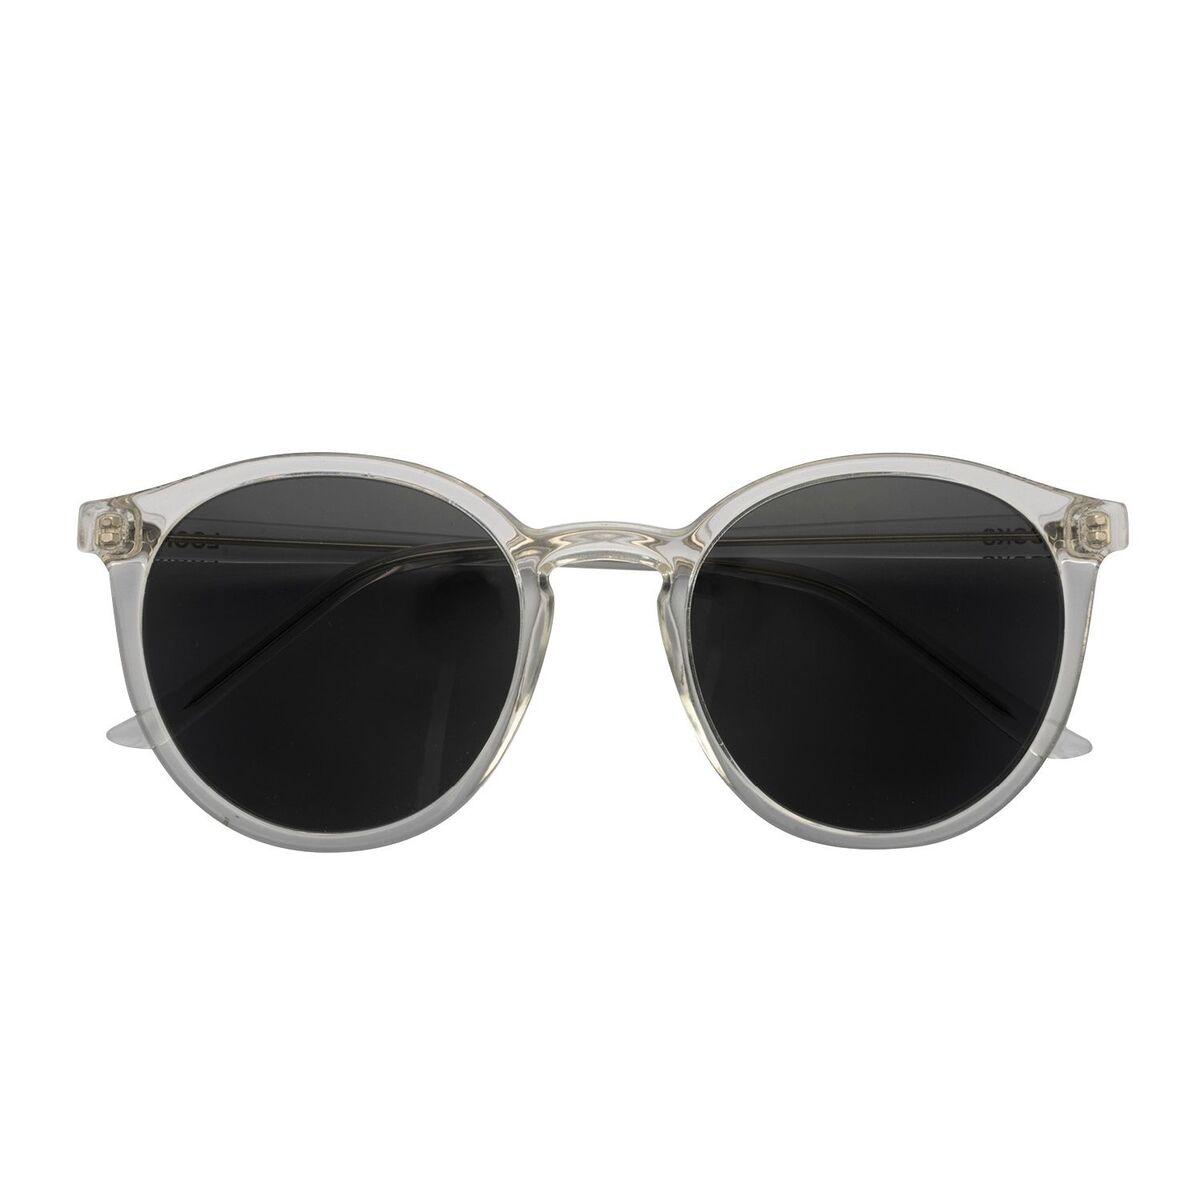 Bild 3 von LOOKS BY WOLFGANG JOOP Sonnenbrille mit Brillenbeutel